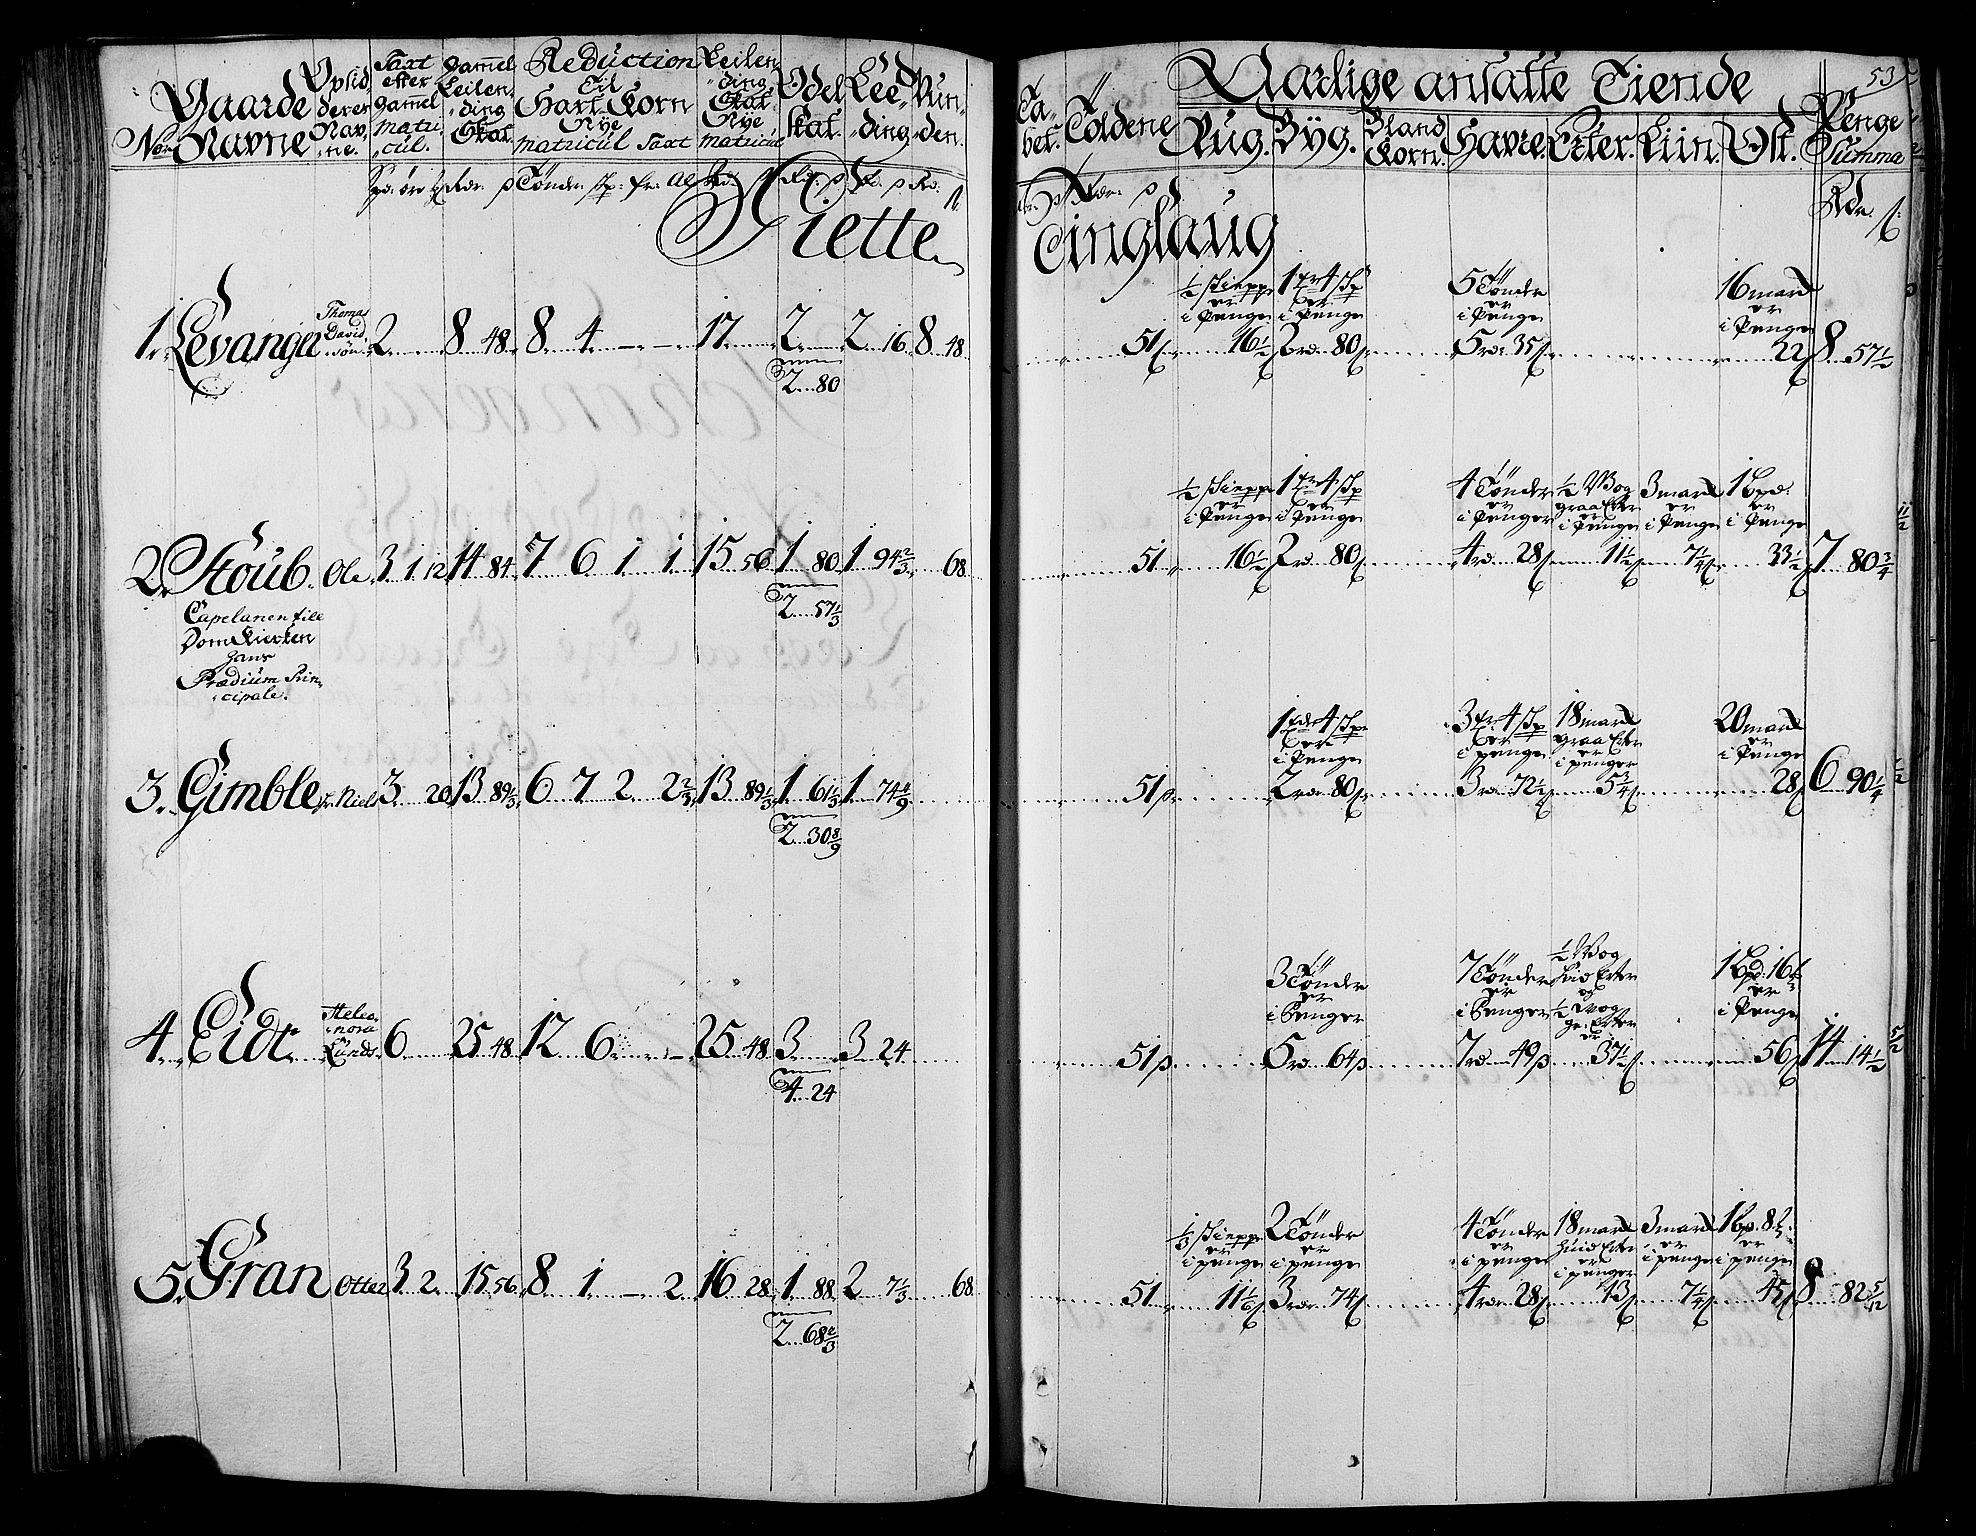 RA, Rentekammeret inntil 1814, Realistisk ordnet avdeling, N/Nb/Nbf/L0165: Stjørdal og Verdal matrikkelprotokoll, 1723, s. 52b-53a